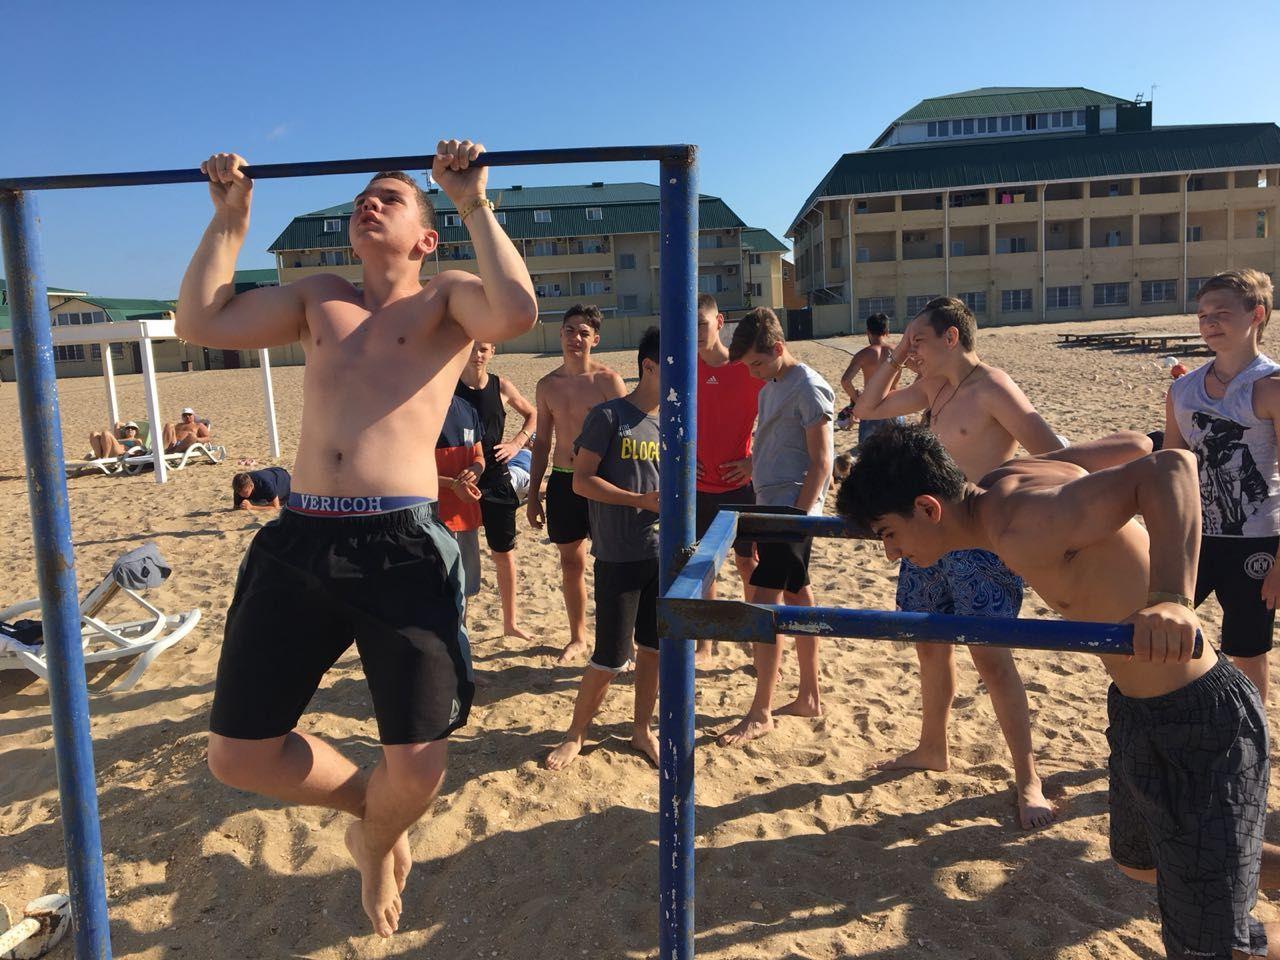 Более сотни юных спортсменов Ставрополья получили путёвки на море за свои успехи